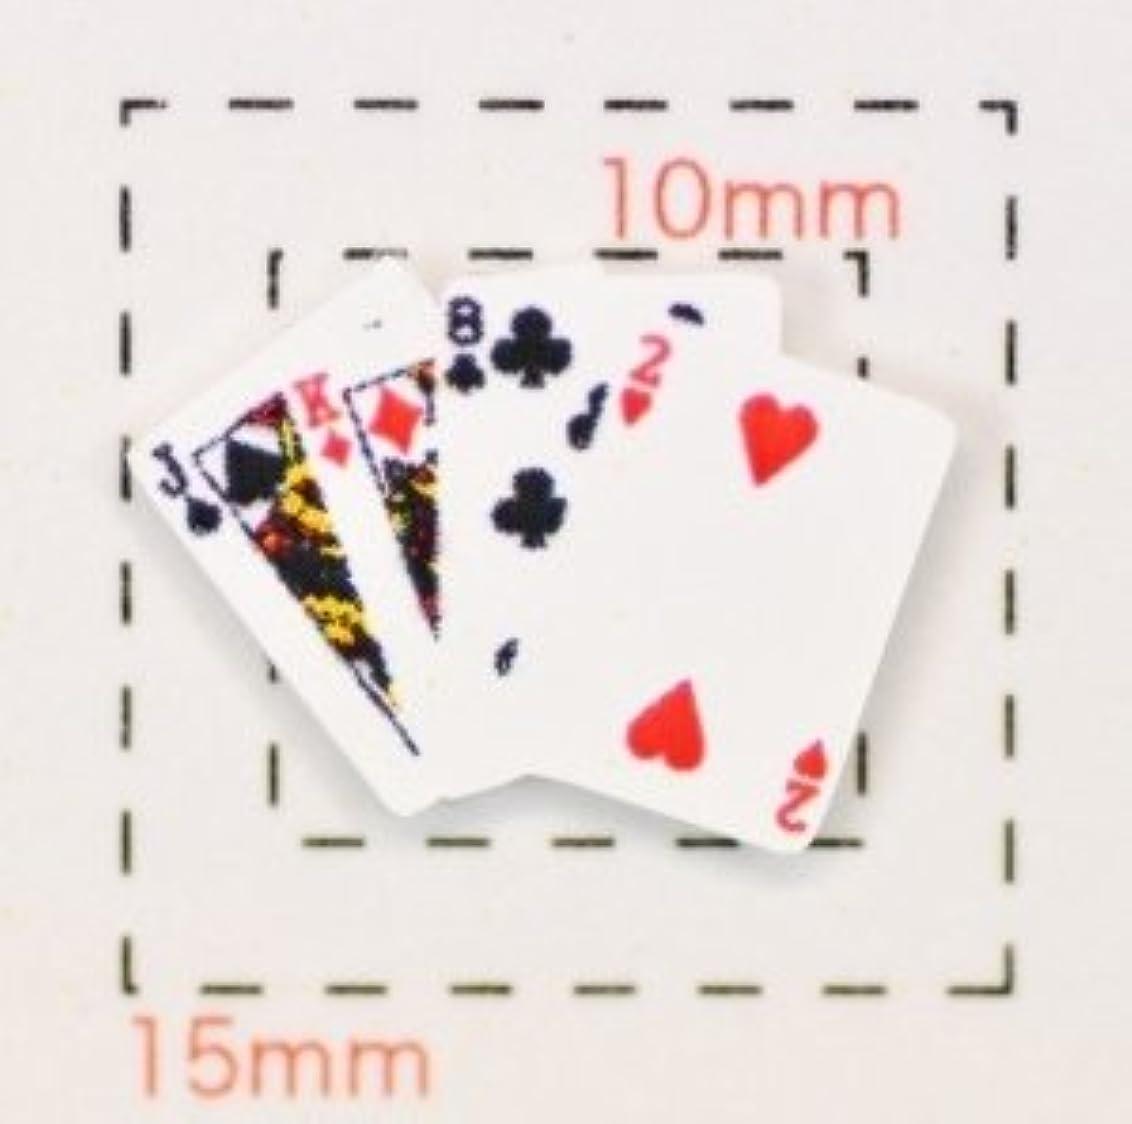 支払うミキサー未来【トランプネイルシール】カード(3)4枚重ね1シート4枚入